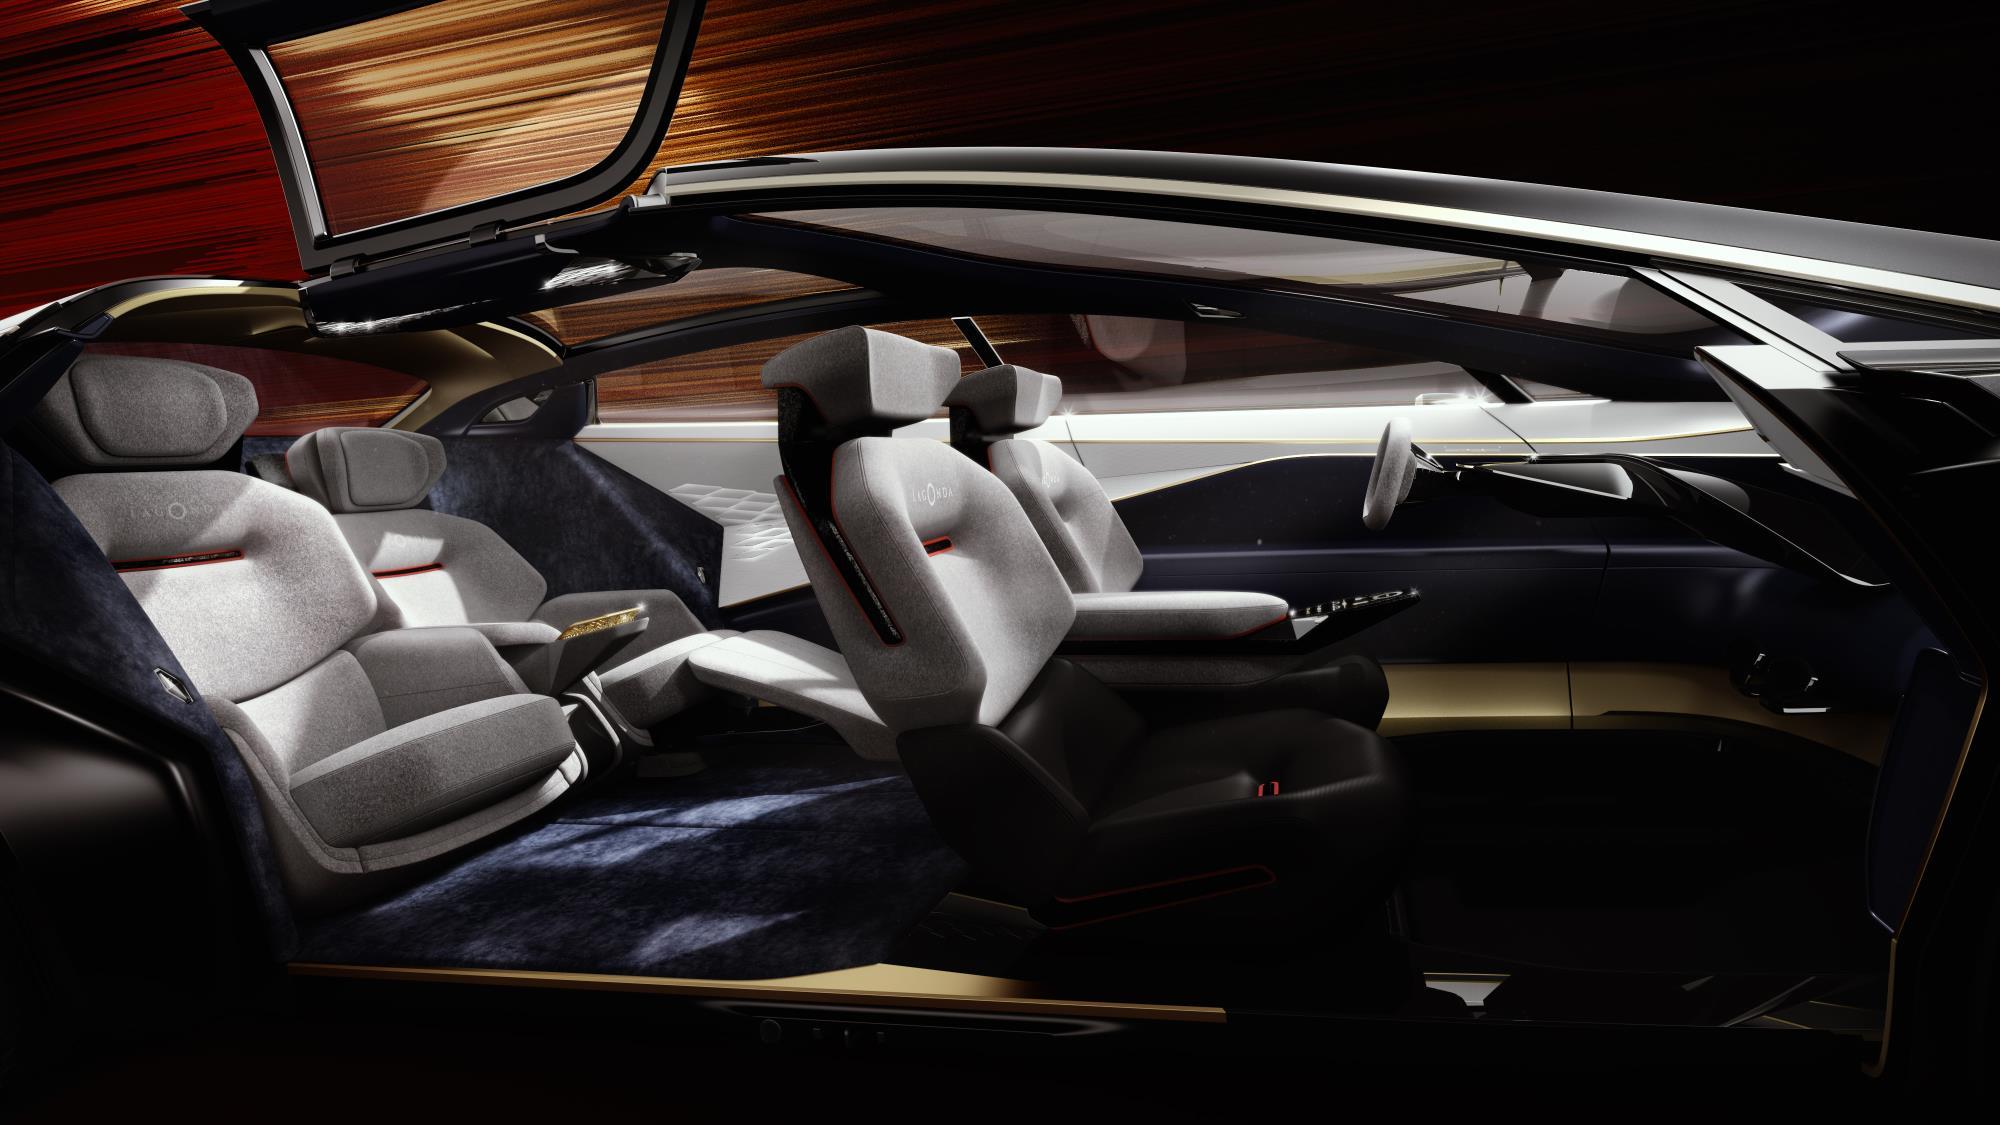 Концепция Vision - это не традиционный седан. Она намного более роскошная, низкая, а ее дизайн гораздо менее условный. Она вмещает четырех взрослых в свой роскошный и комфортный салон.